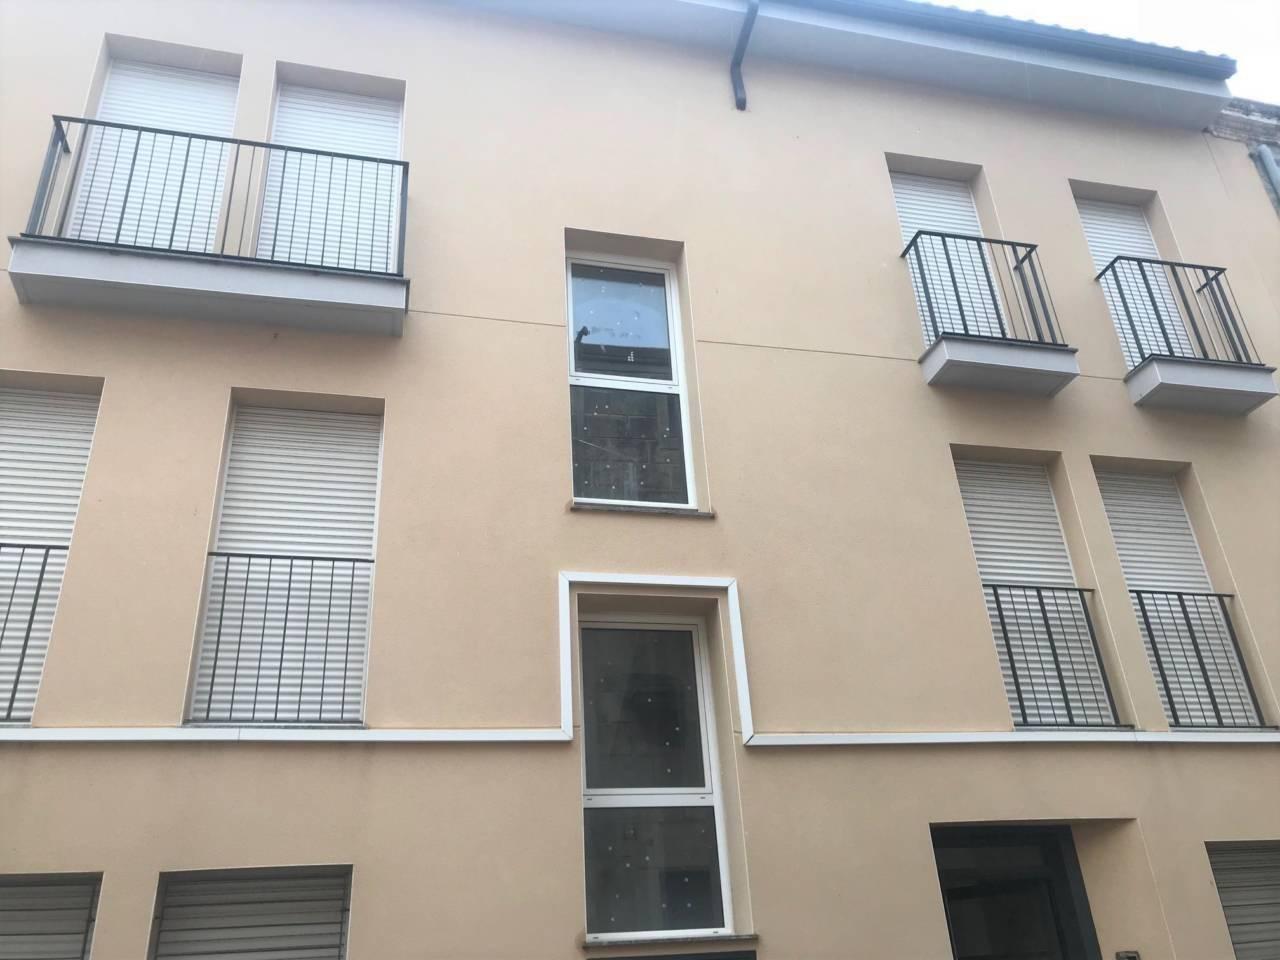 Piso  Calle major. Superf. 62 m²,  2 habitaciones, 1 baño, cocina, comedor, terraza